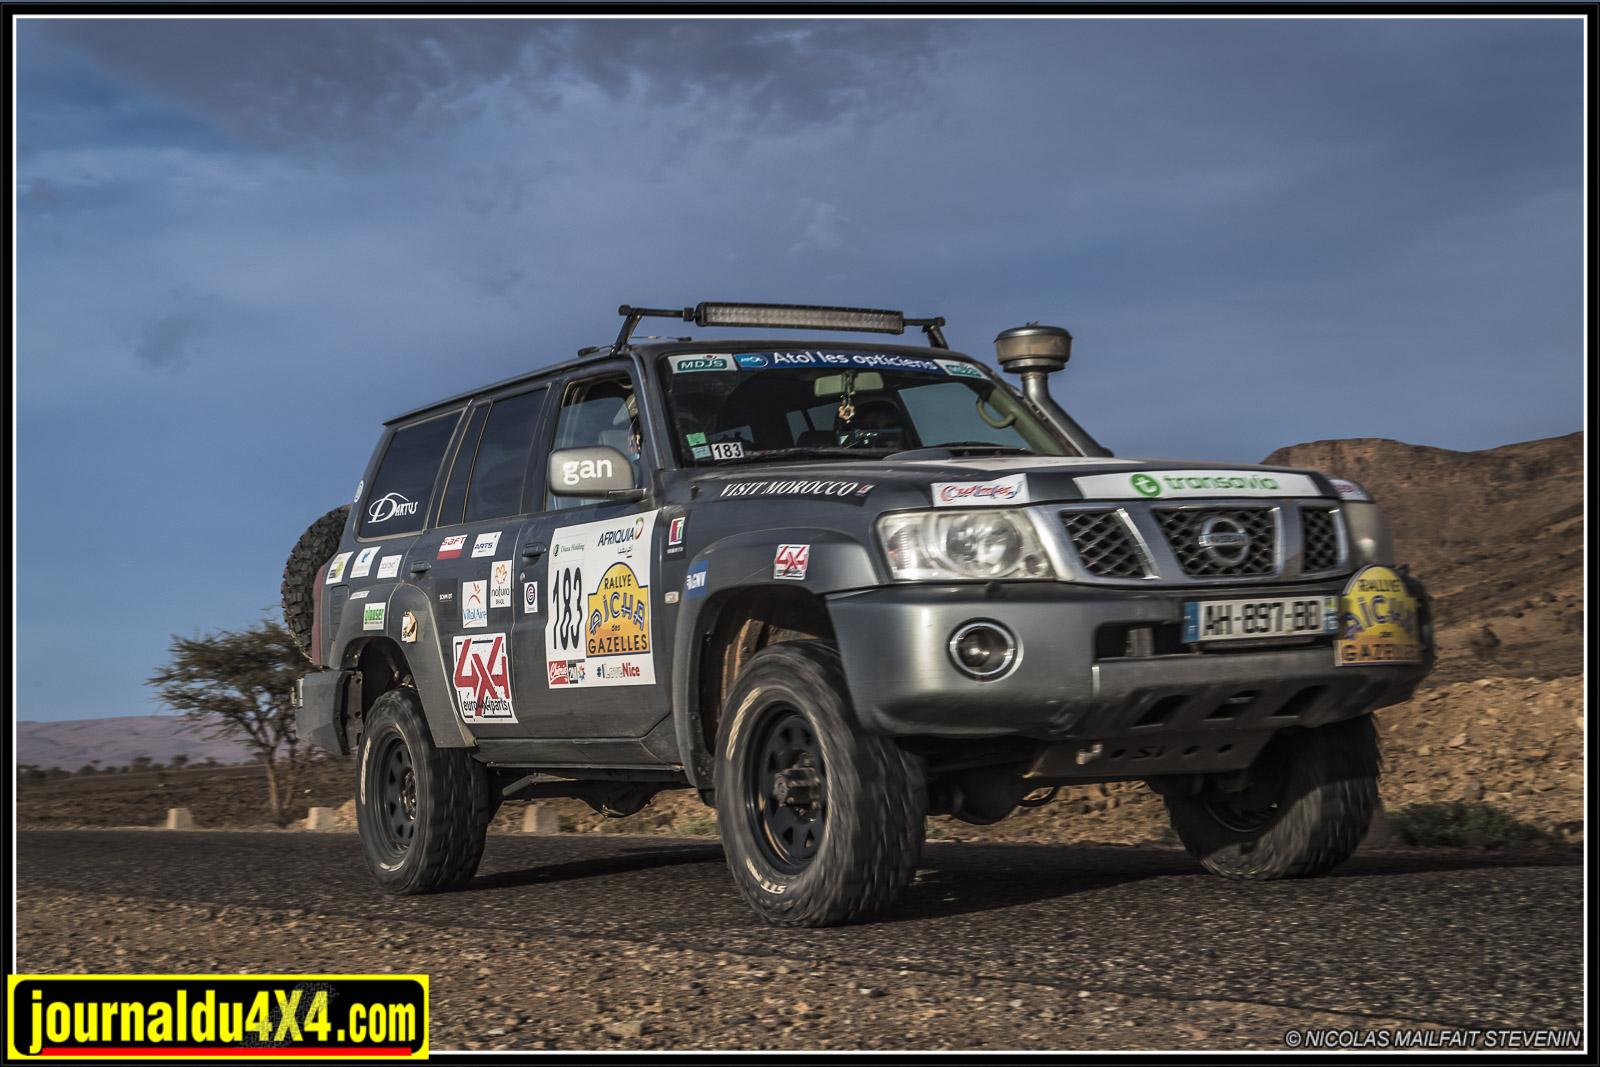 rallye-aicha-gazelles-maroc-2017-6913.jpg